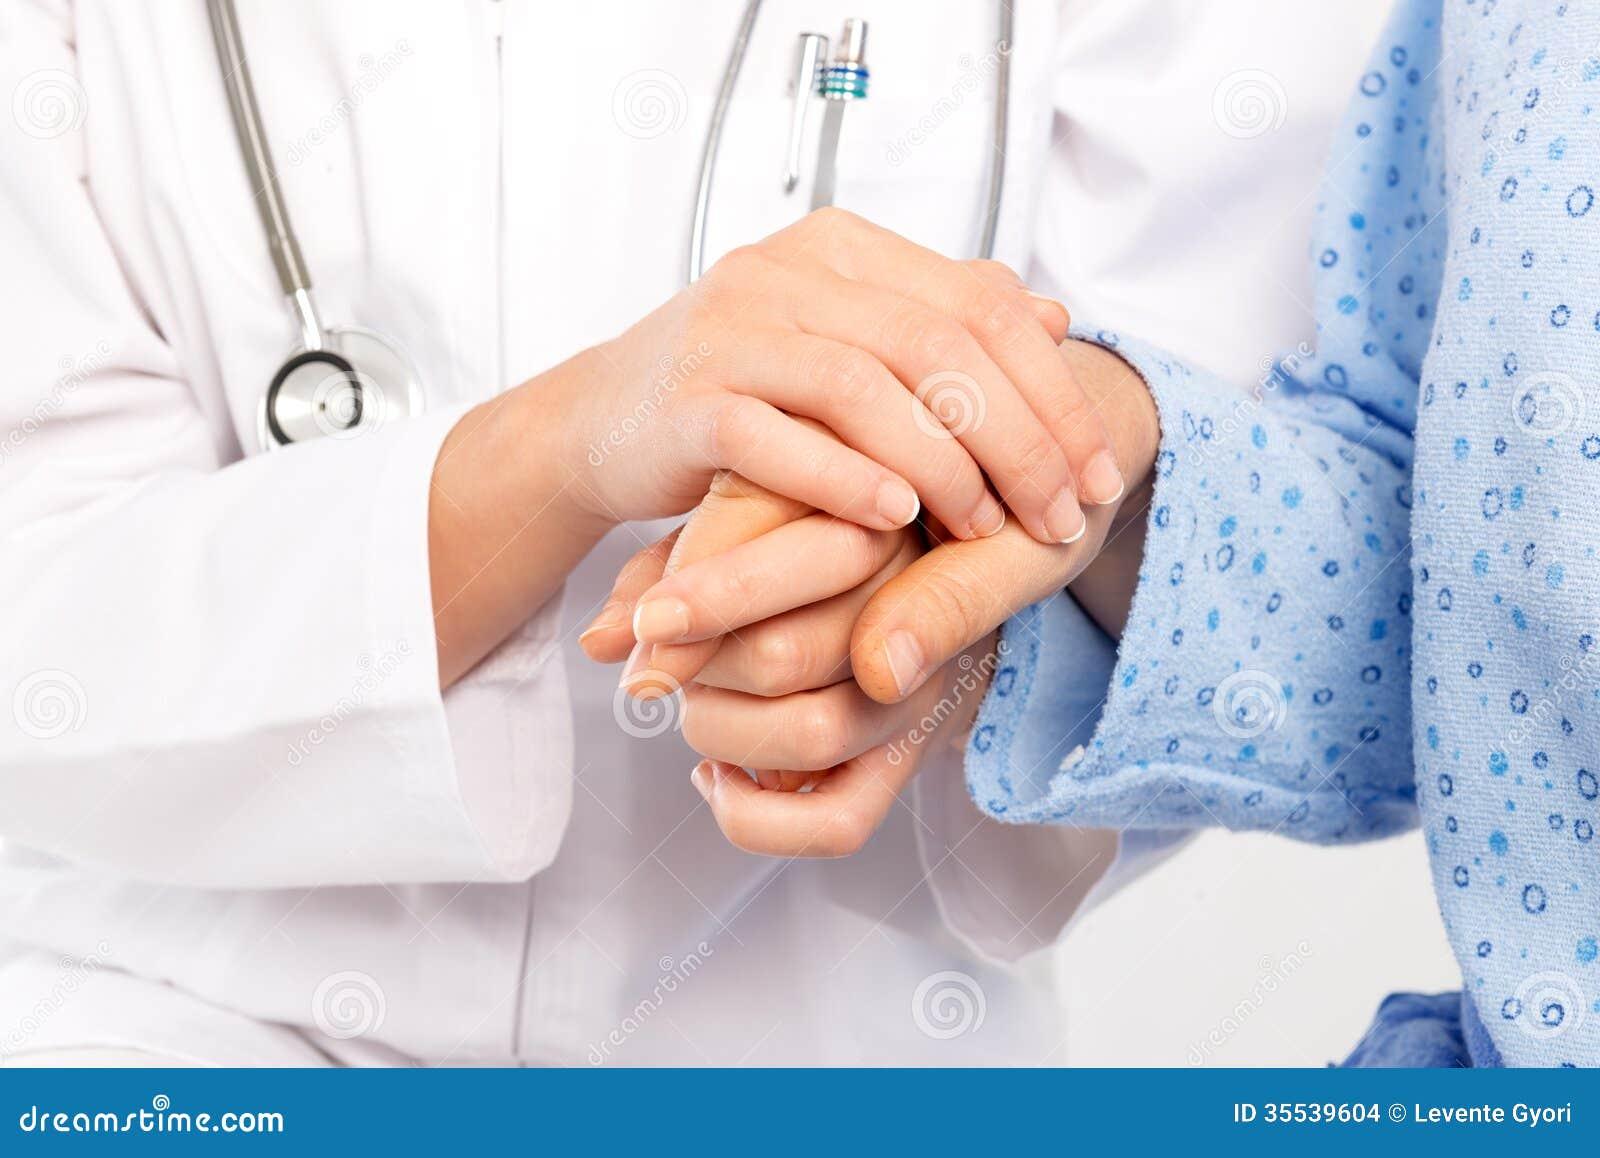 arzt hand